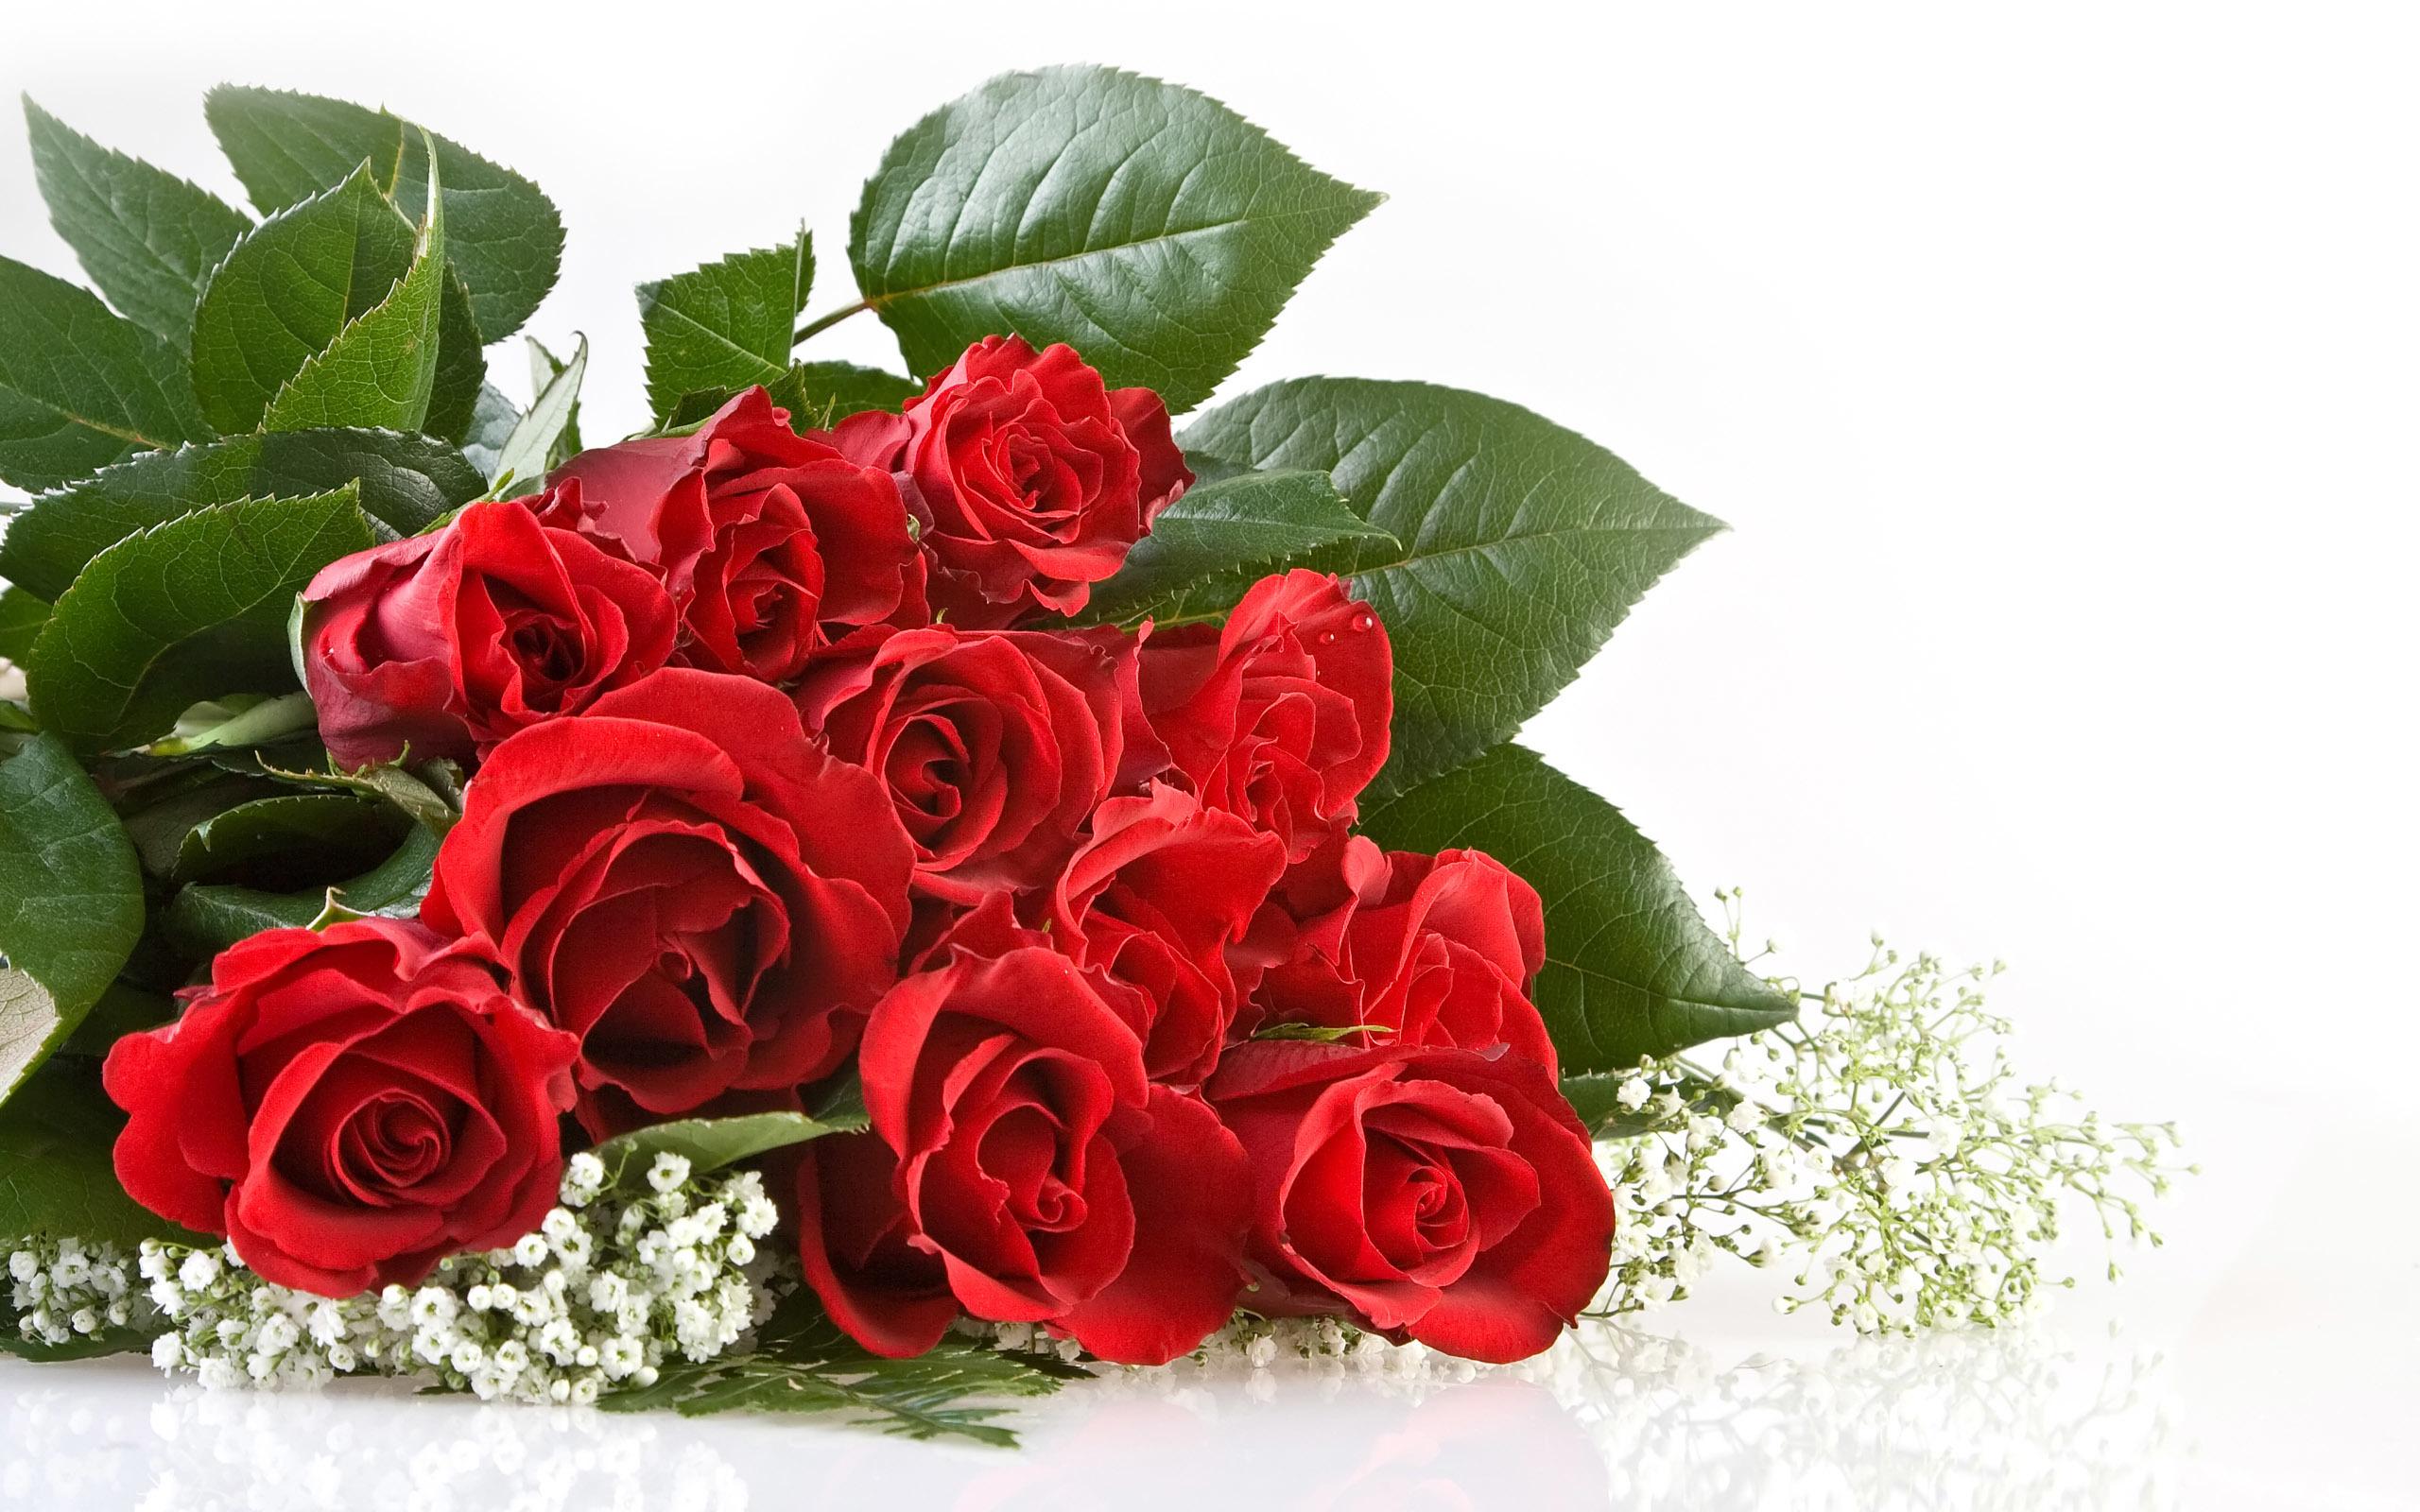 47881 скачать обои Растения, Цветы, Розы - заставки и картинки бесплатно